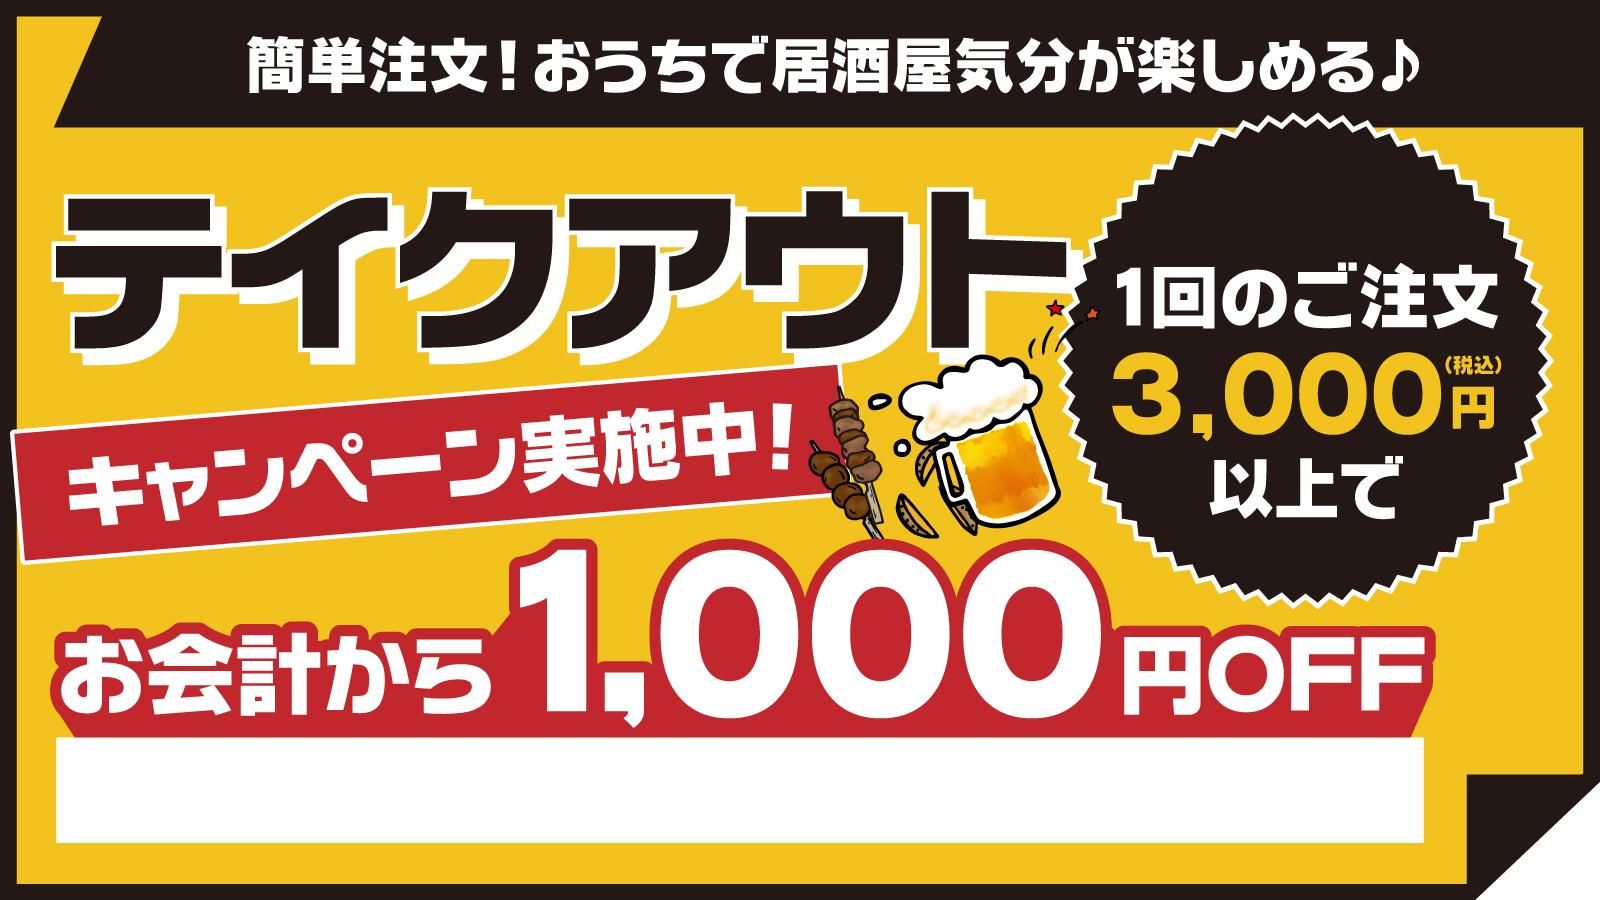 EPARKテイクアウトで魚民などをテイクアウトで3000円以上1000円OFF。